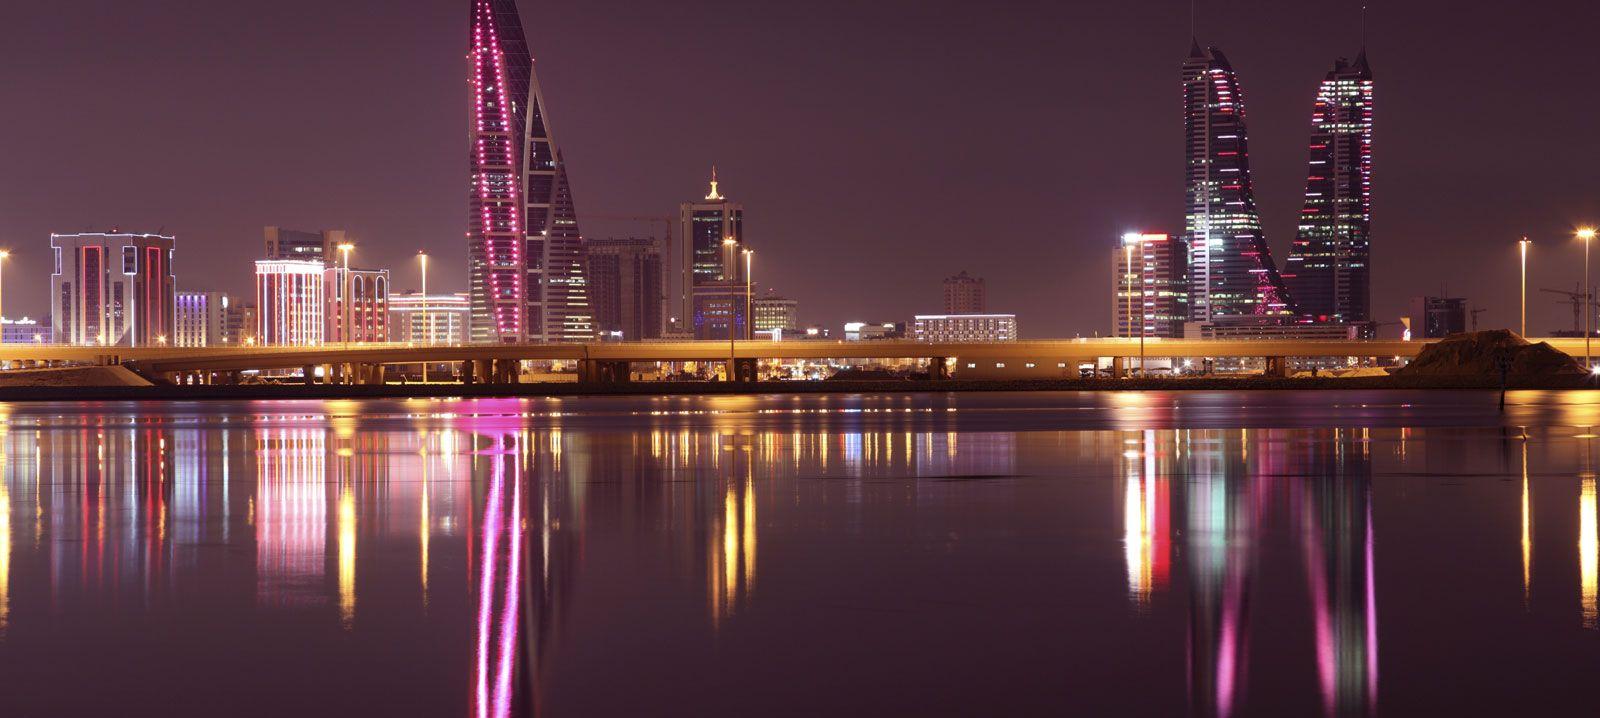 Ramada Hotel & Suites by Wyndham Amwaj Islands Manama Featured Special